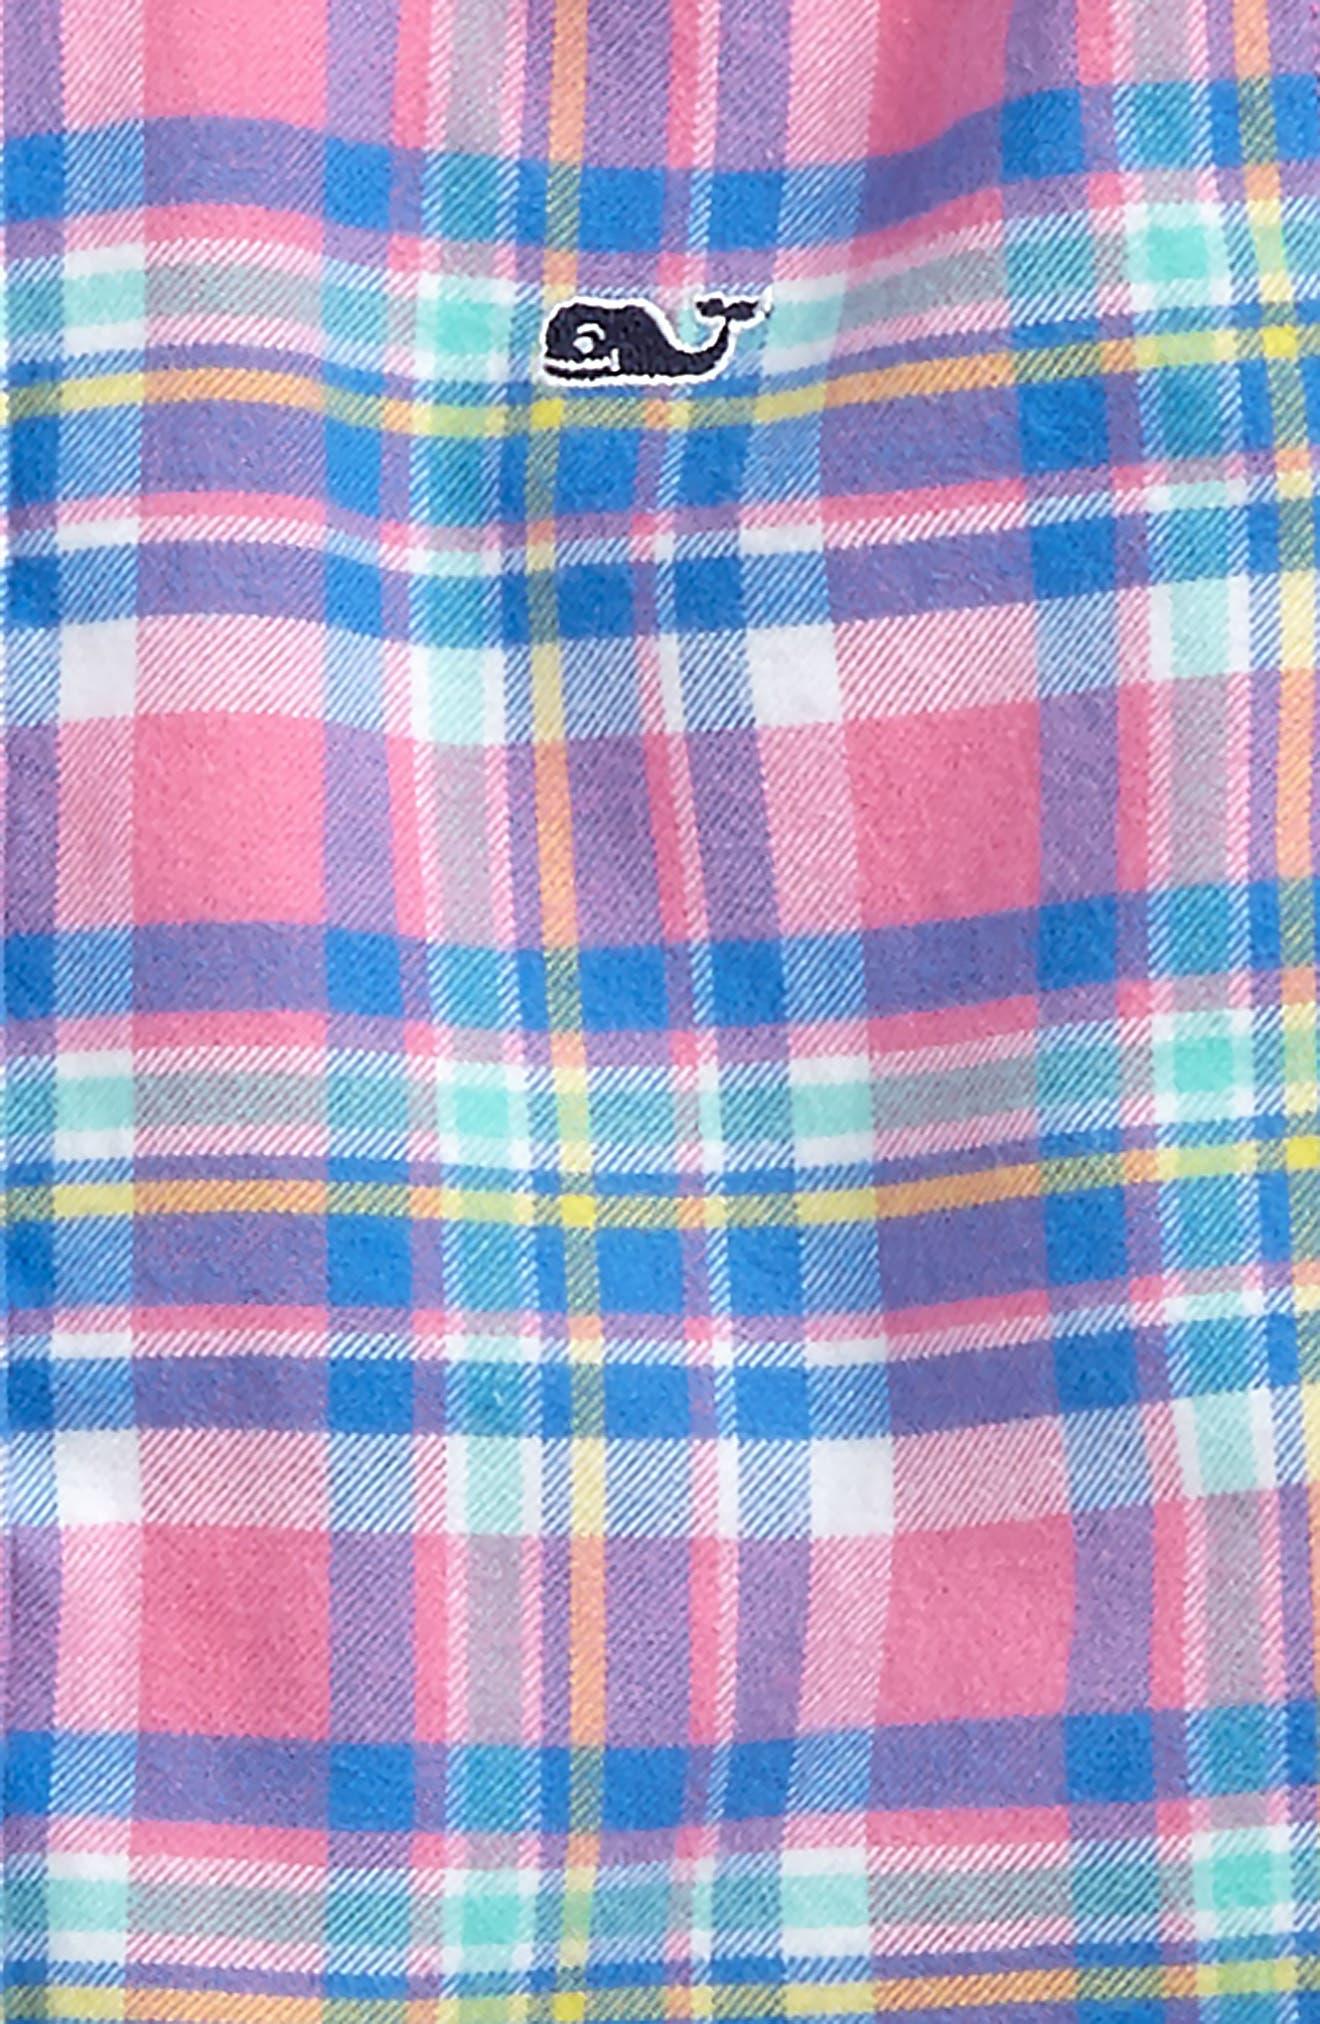 Cape Haze Plaid Flannel Shirt,                             Alternate thumbnail 2, color,                             400